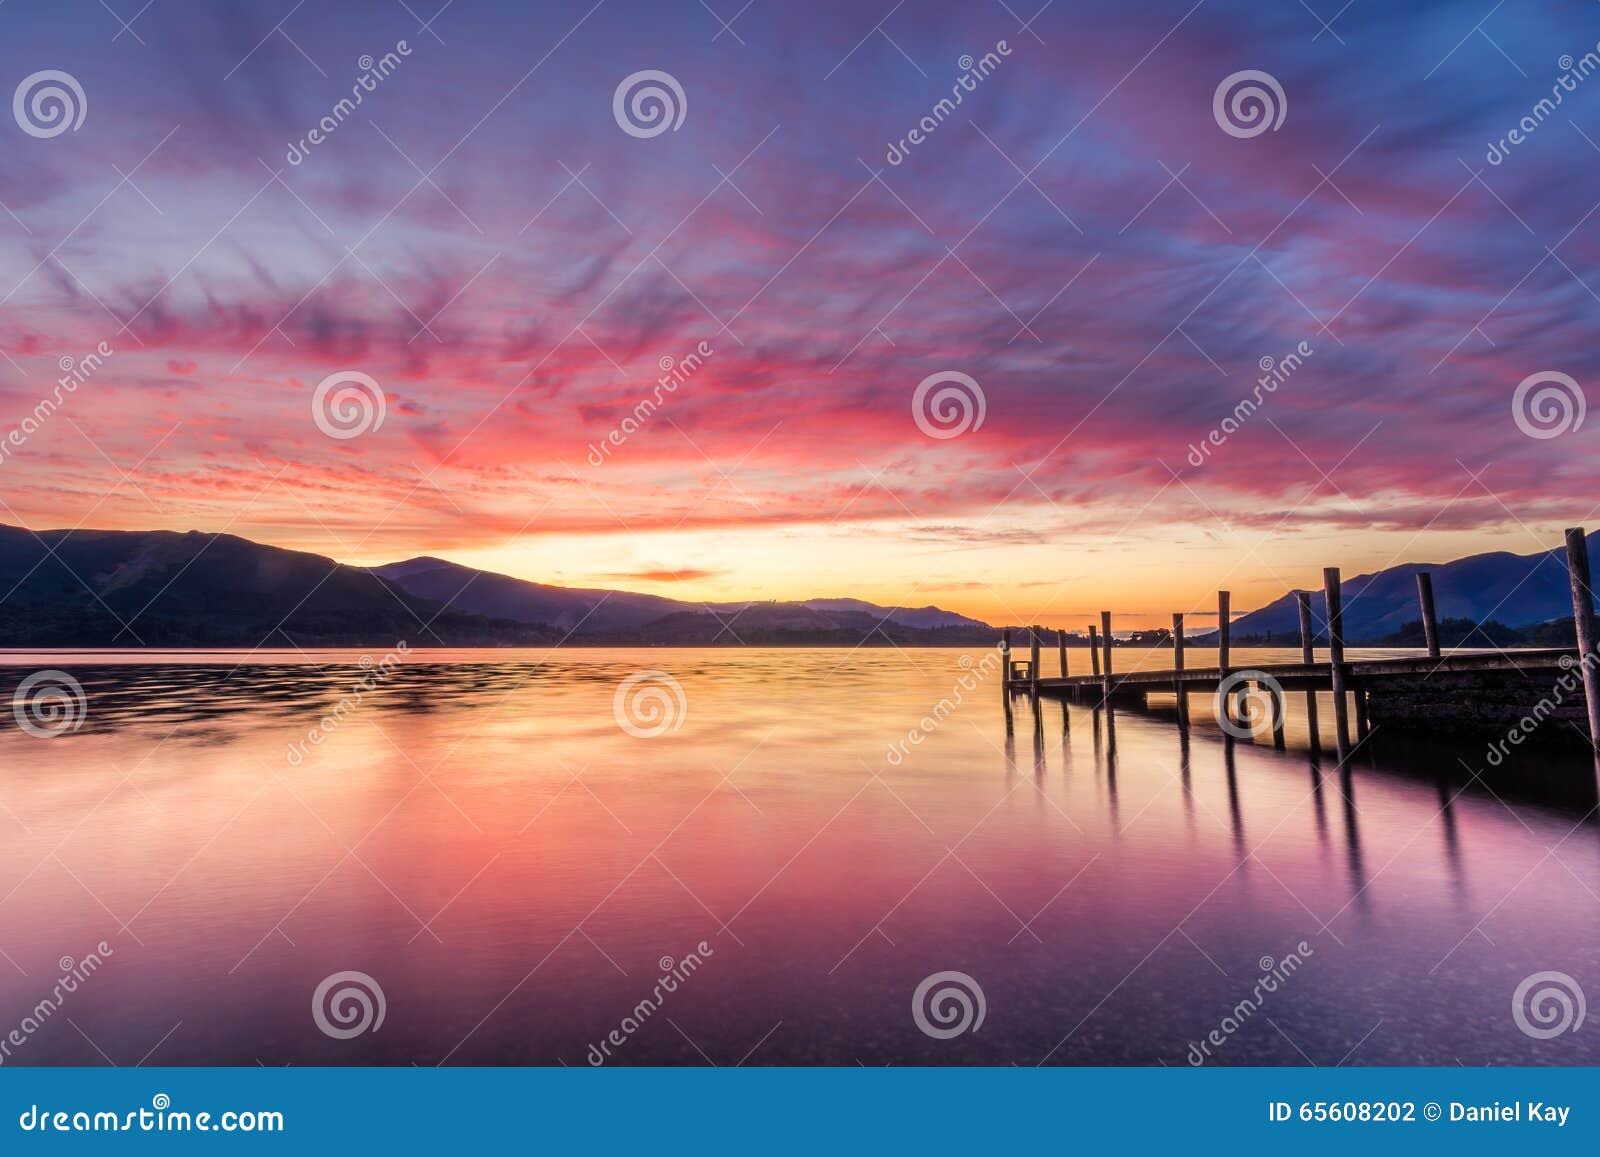 在Ashness跳船在凯西克,湖区,英国的惊人的充满活力的日落